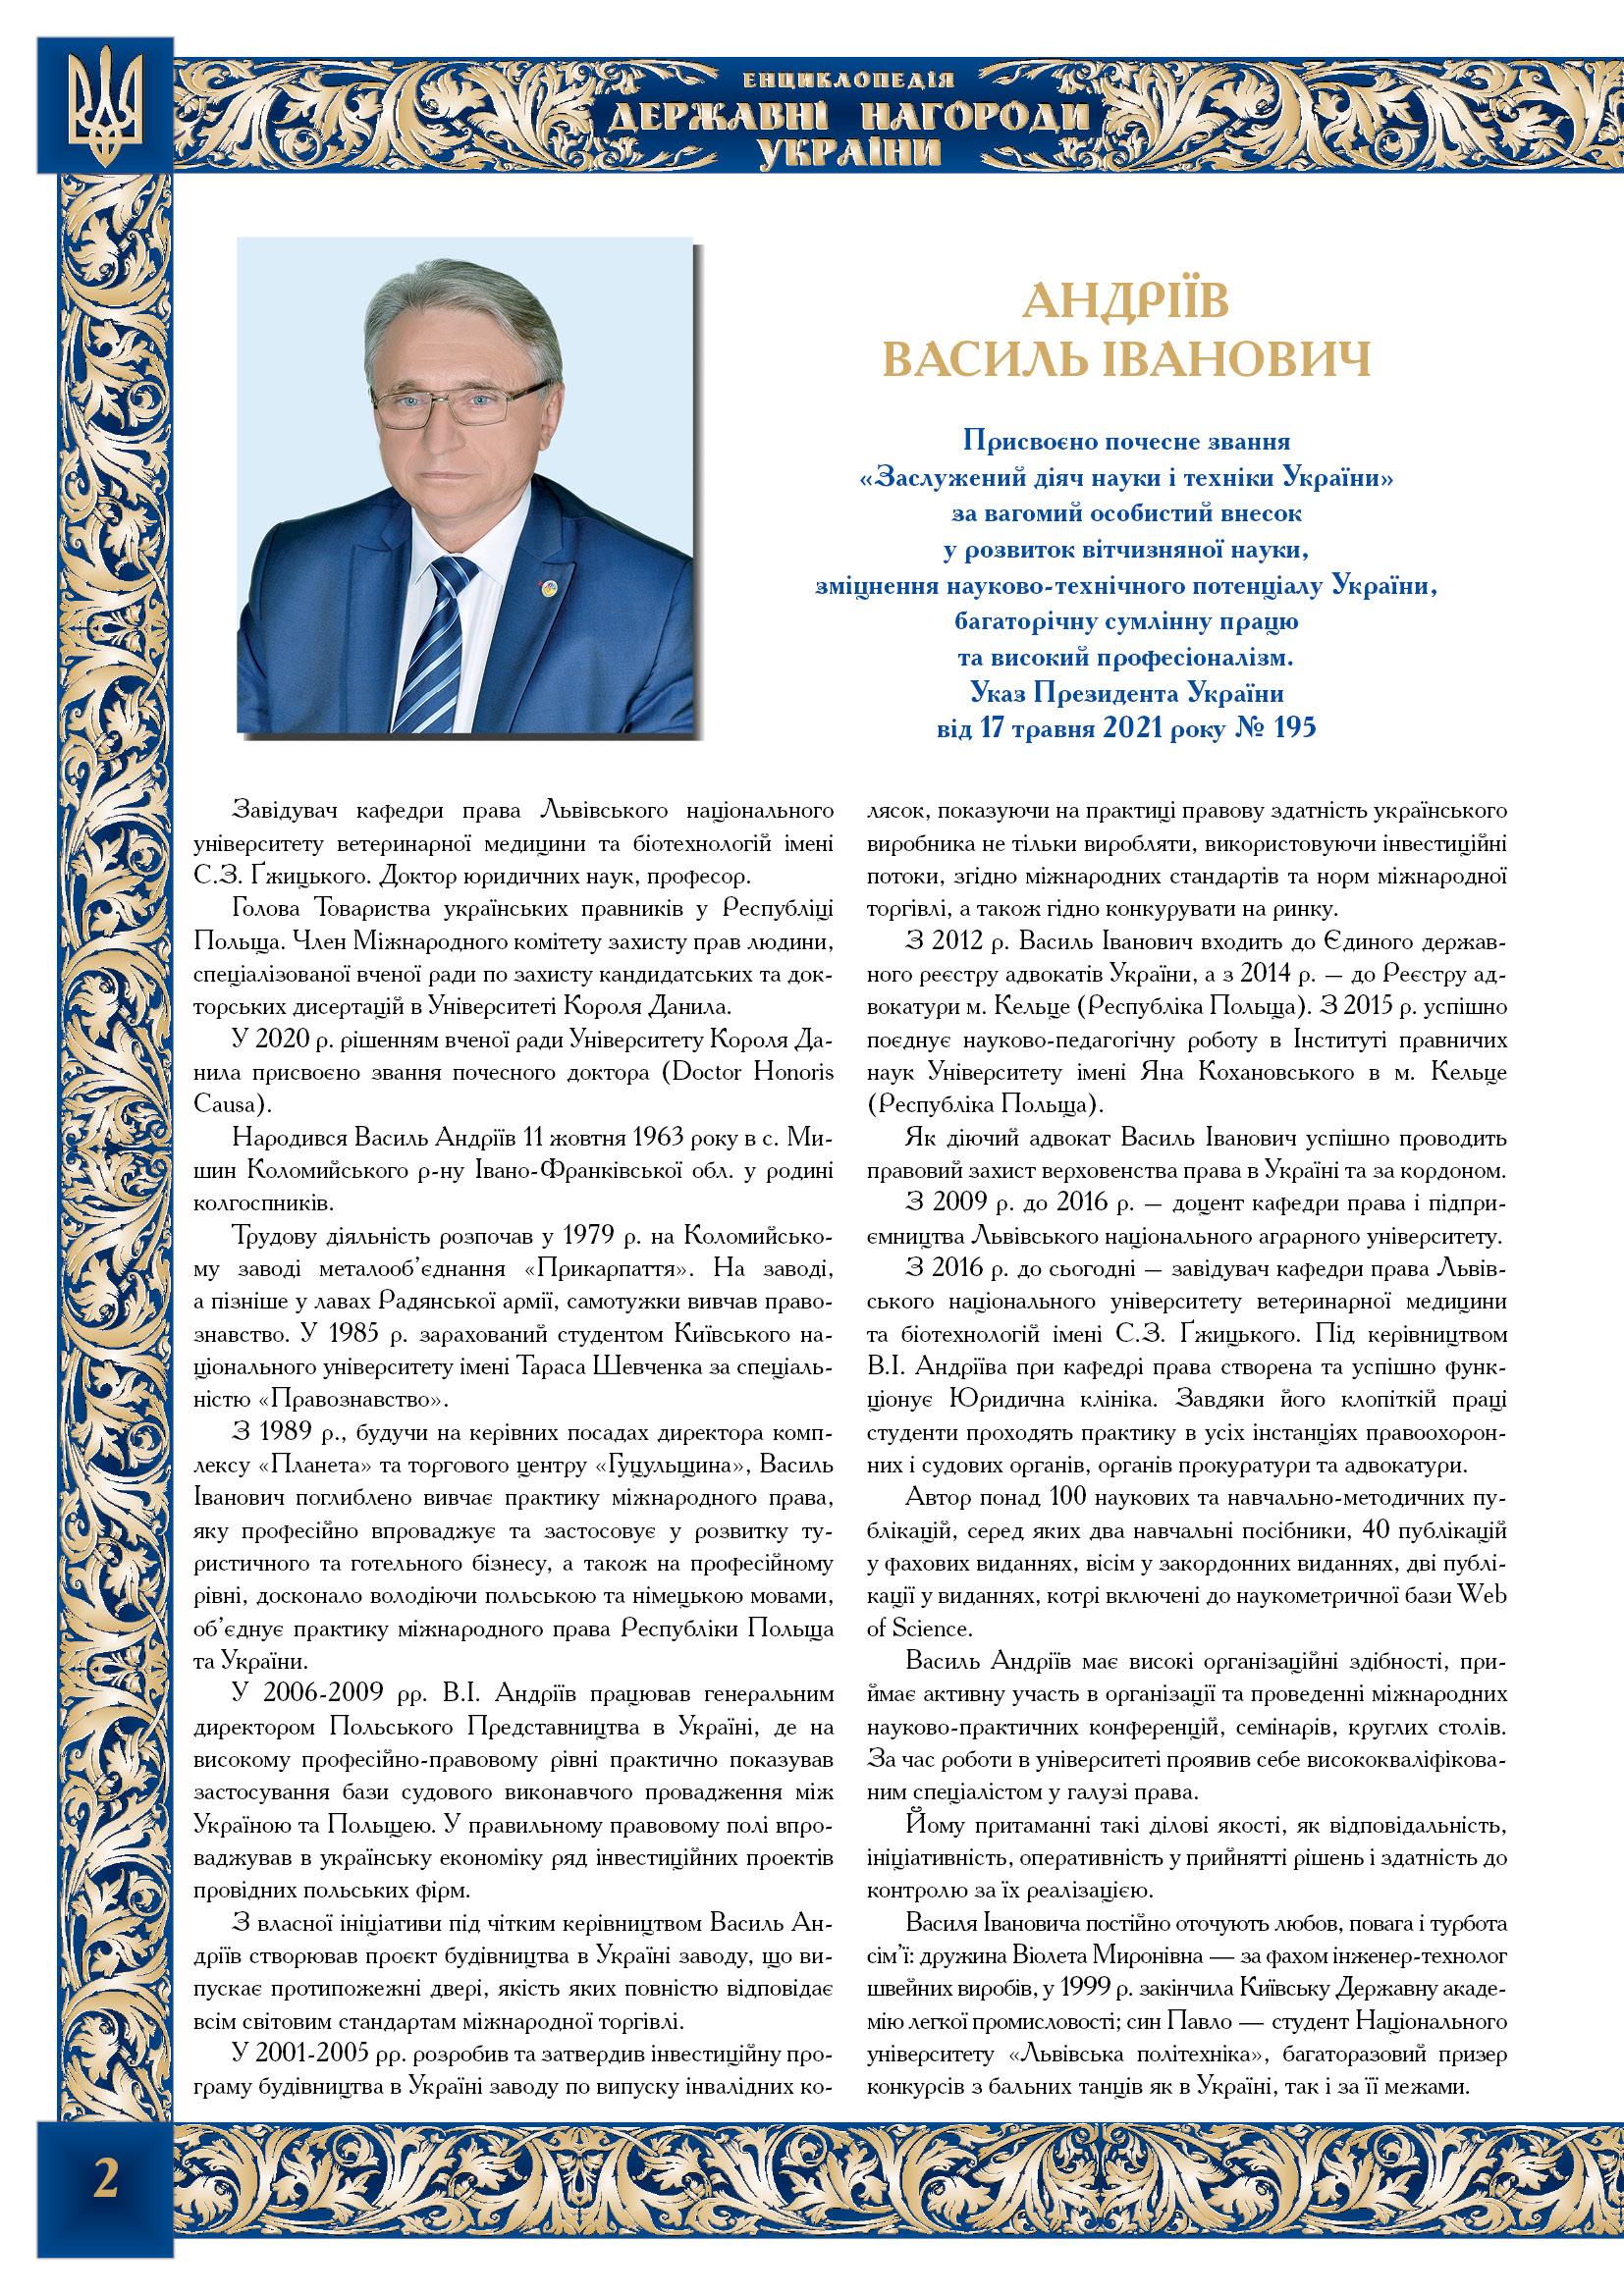 Андріїв Василь Іванович